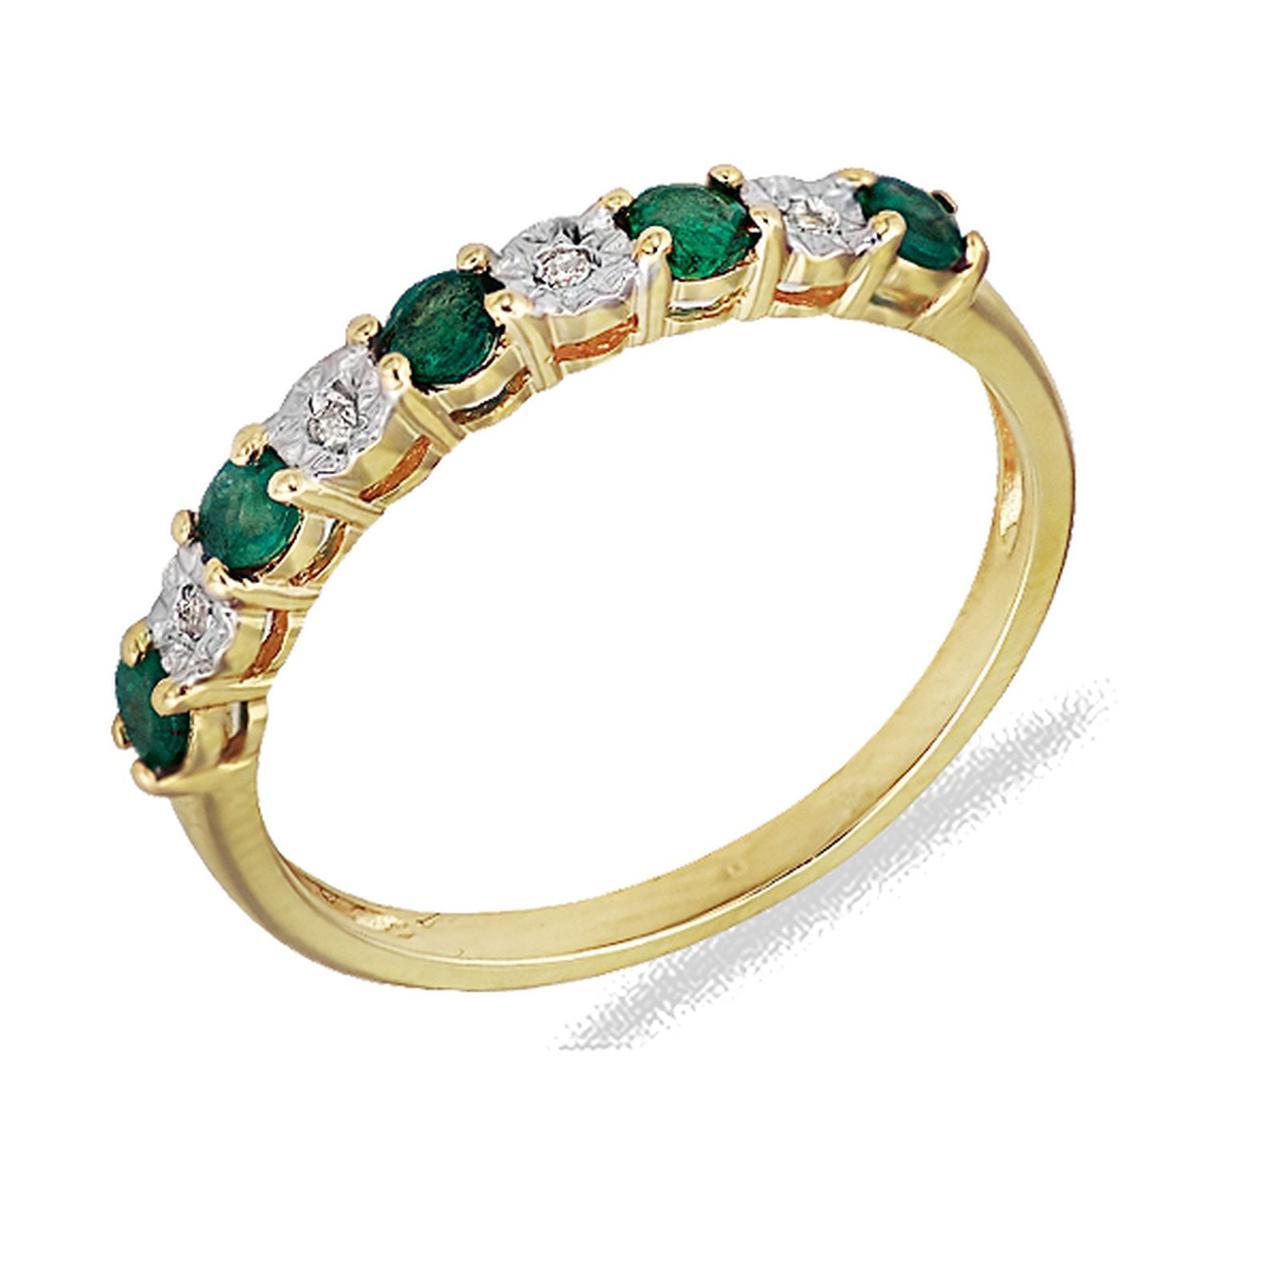 Золотое кольцо с бриллиантами и изумрудами, размер 16 (191569)